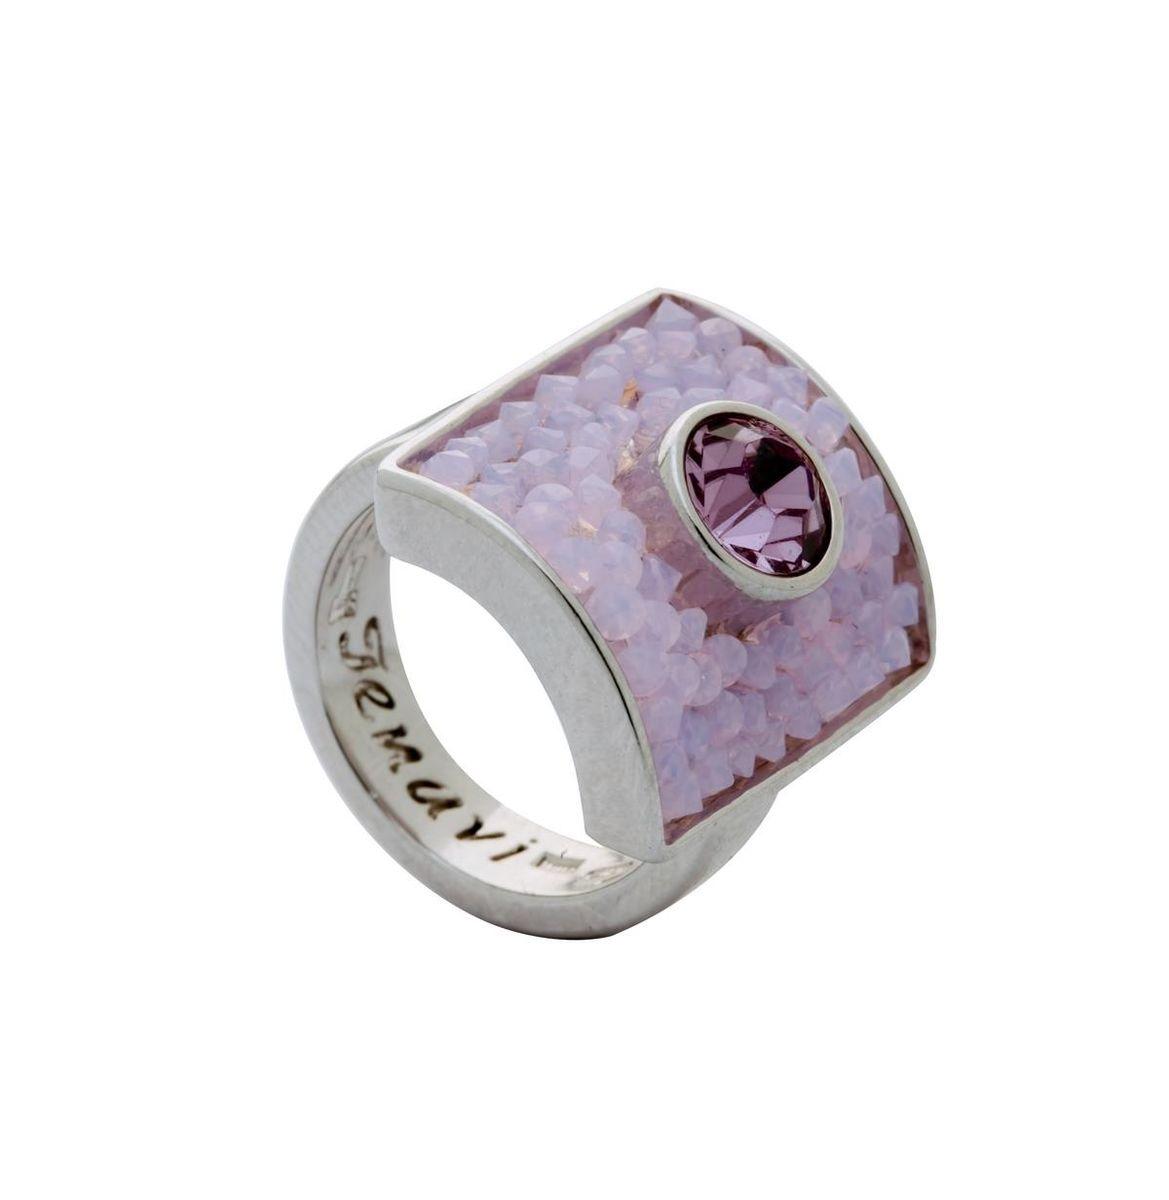 Кольцо Jenavi Майлон, цвет: серебряный, розовый. j938f010. Размер 20j938f010Элегантное кольцо Jenavi Майлон выполнено из гипоаллергенного ювелирного сплава и оформлено кристаллами Swarovski. Стильное кольцо придаст вашему образу изюминку, подчеркнет индивидуальность.